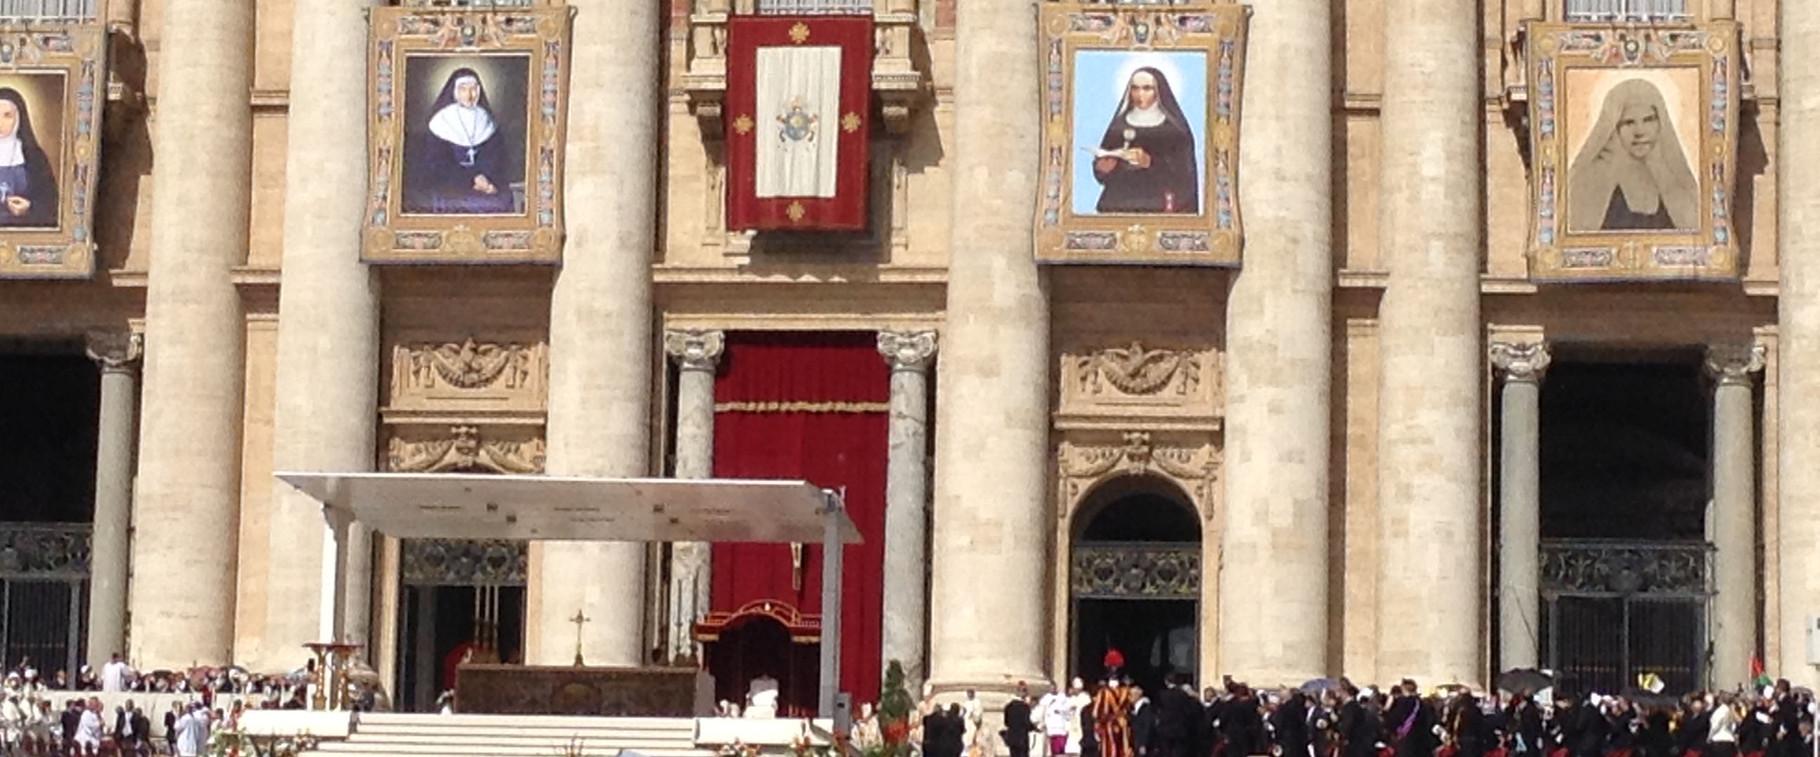 Messa di canonizzazione di Jeanne Emilie - Piazza San Pietro - Roma